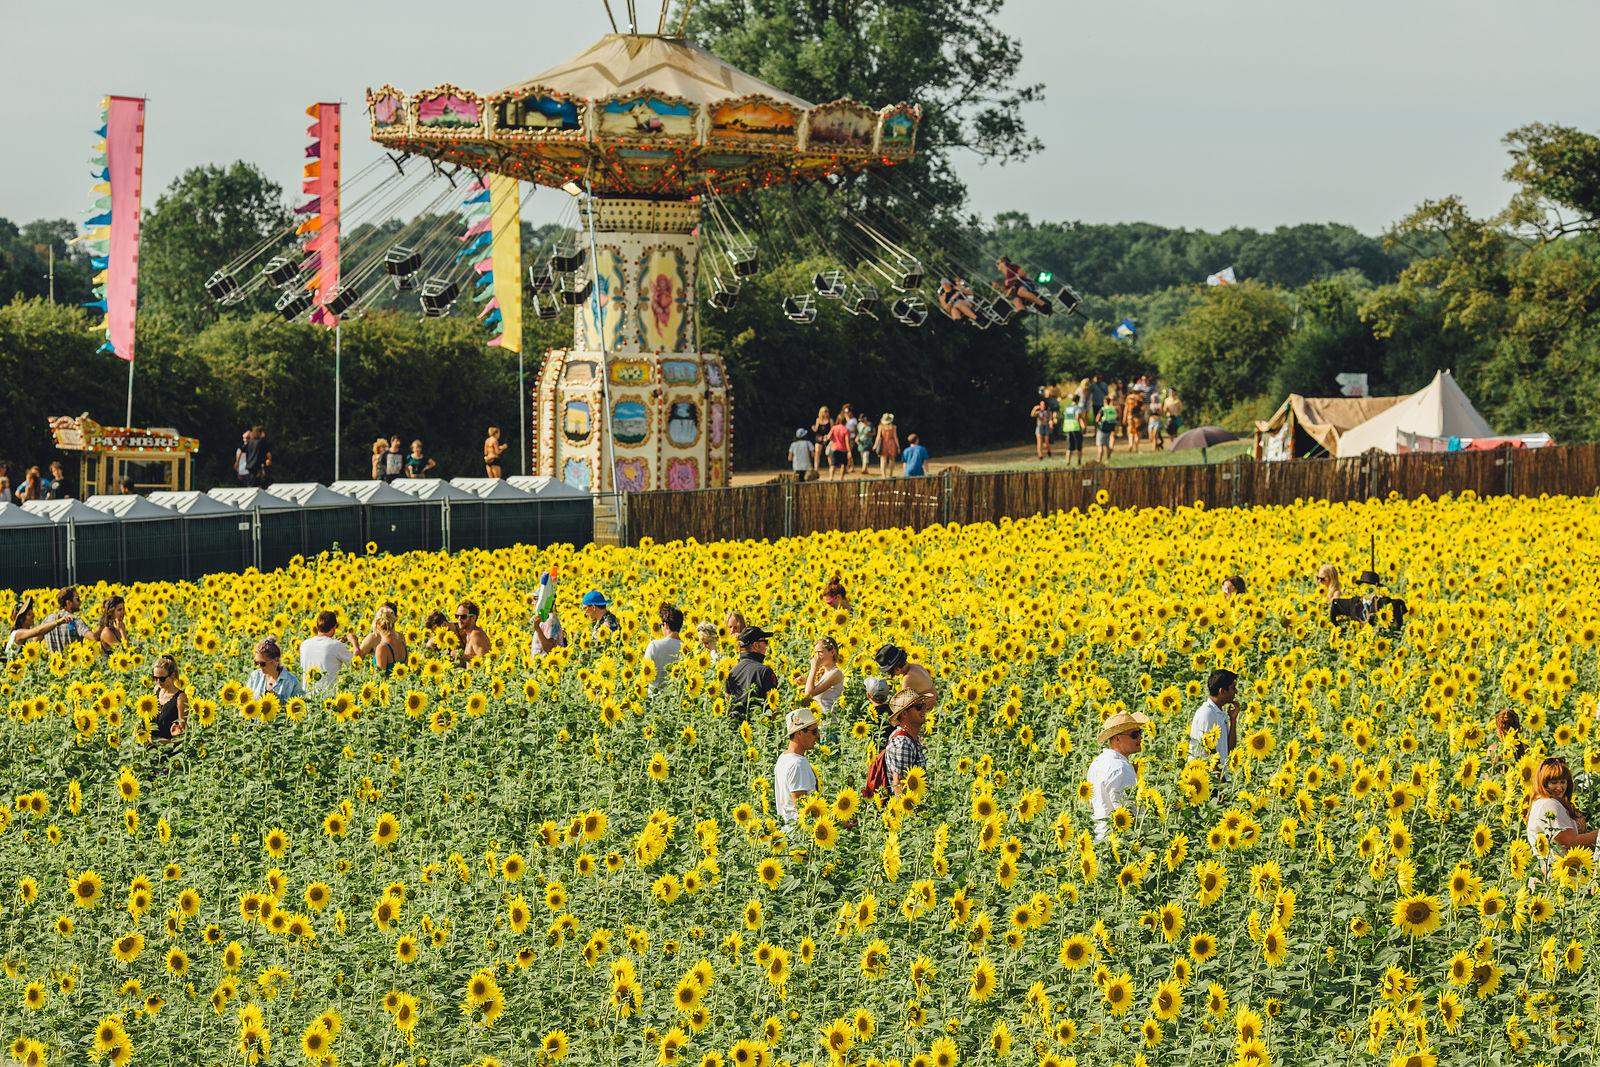 The Sunflower Field